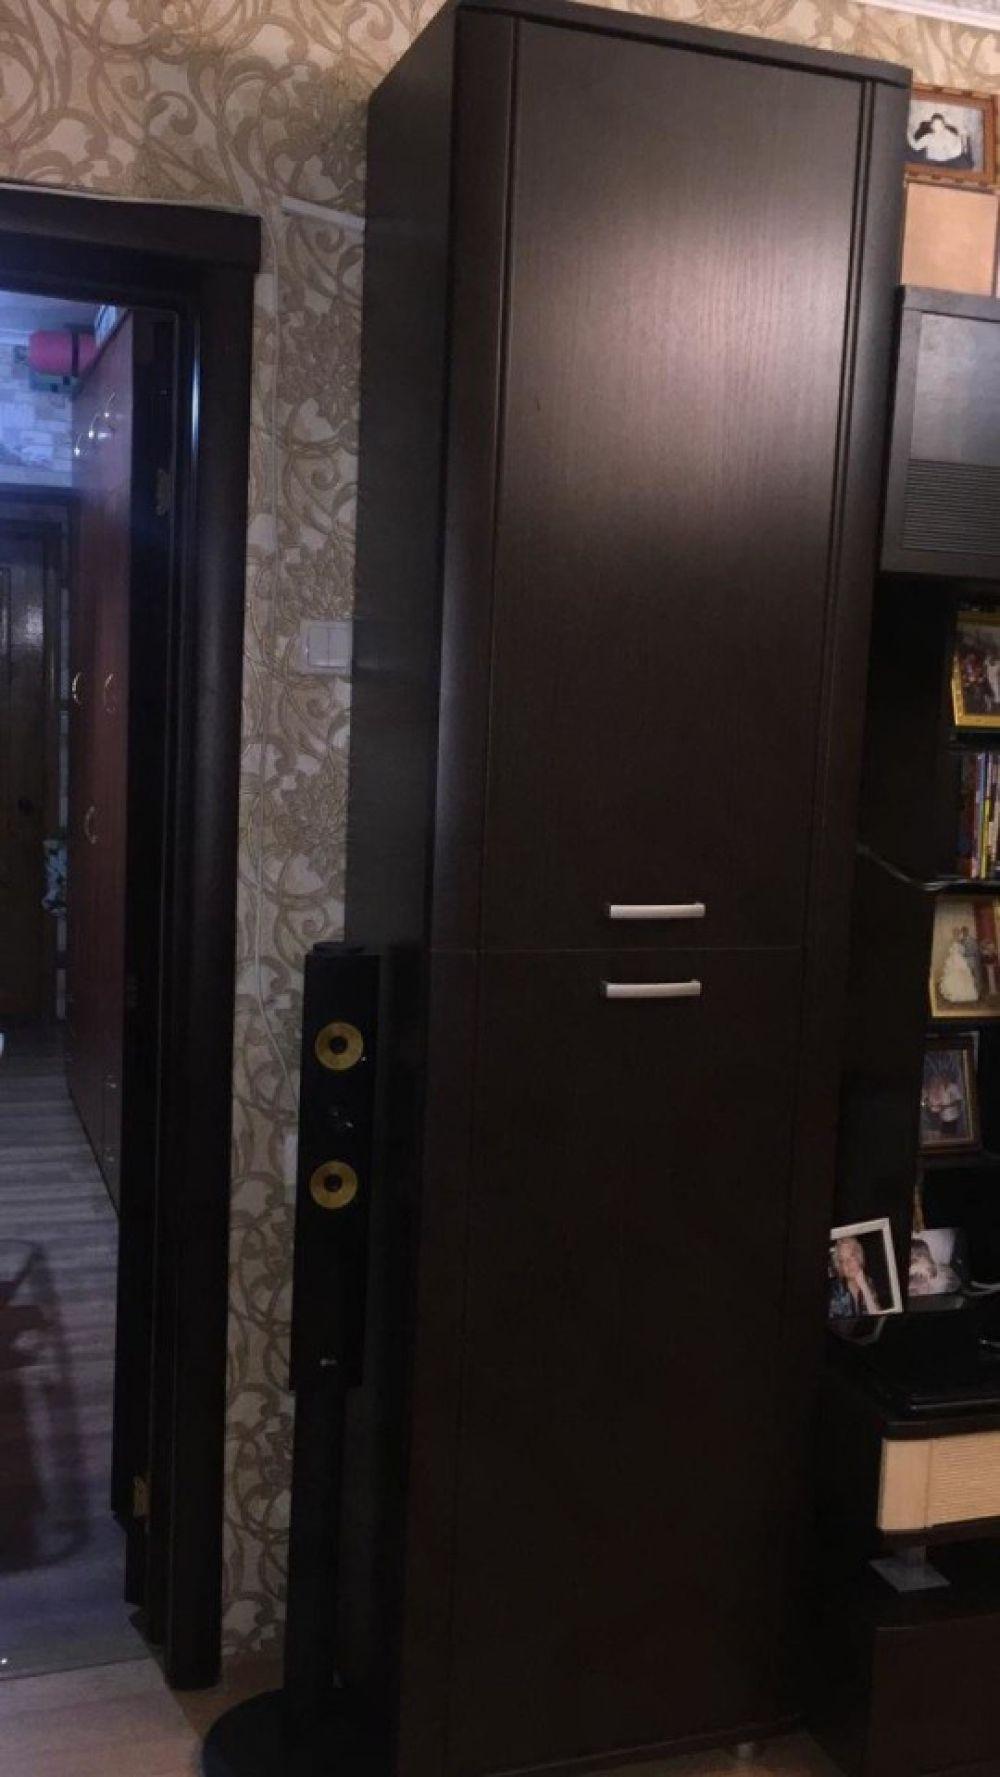 2-к квартира, 60 м2, 11/14 эт. Щёлково, микрорайон Финский, 9к2, фото 16